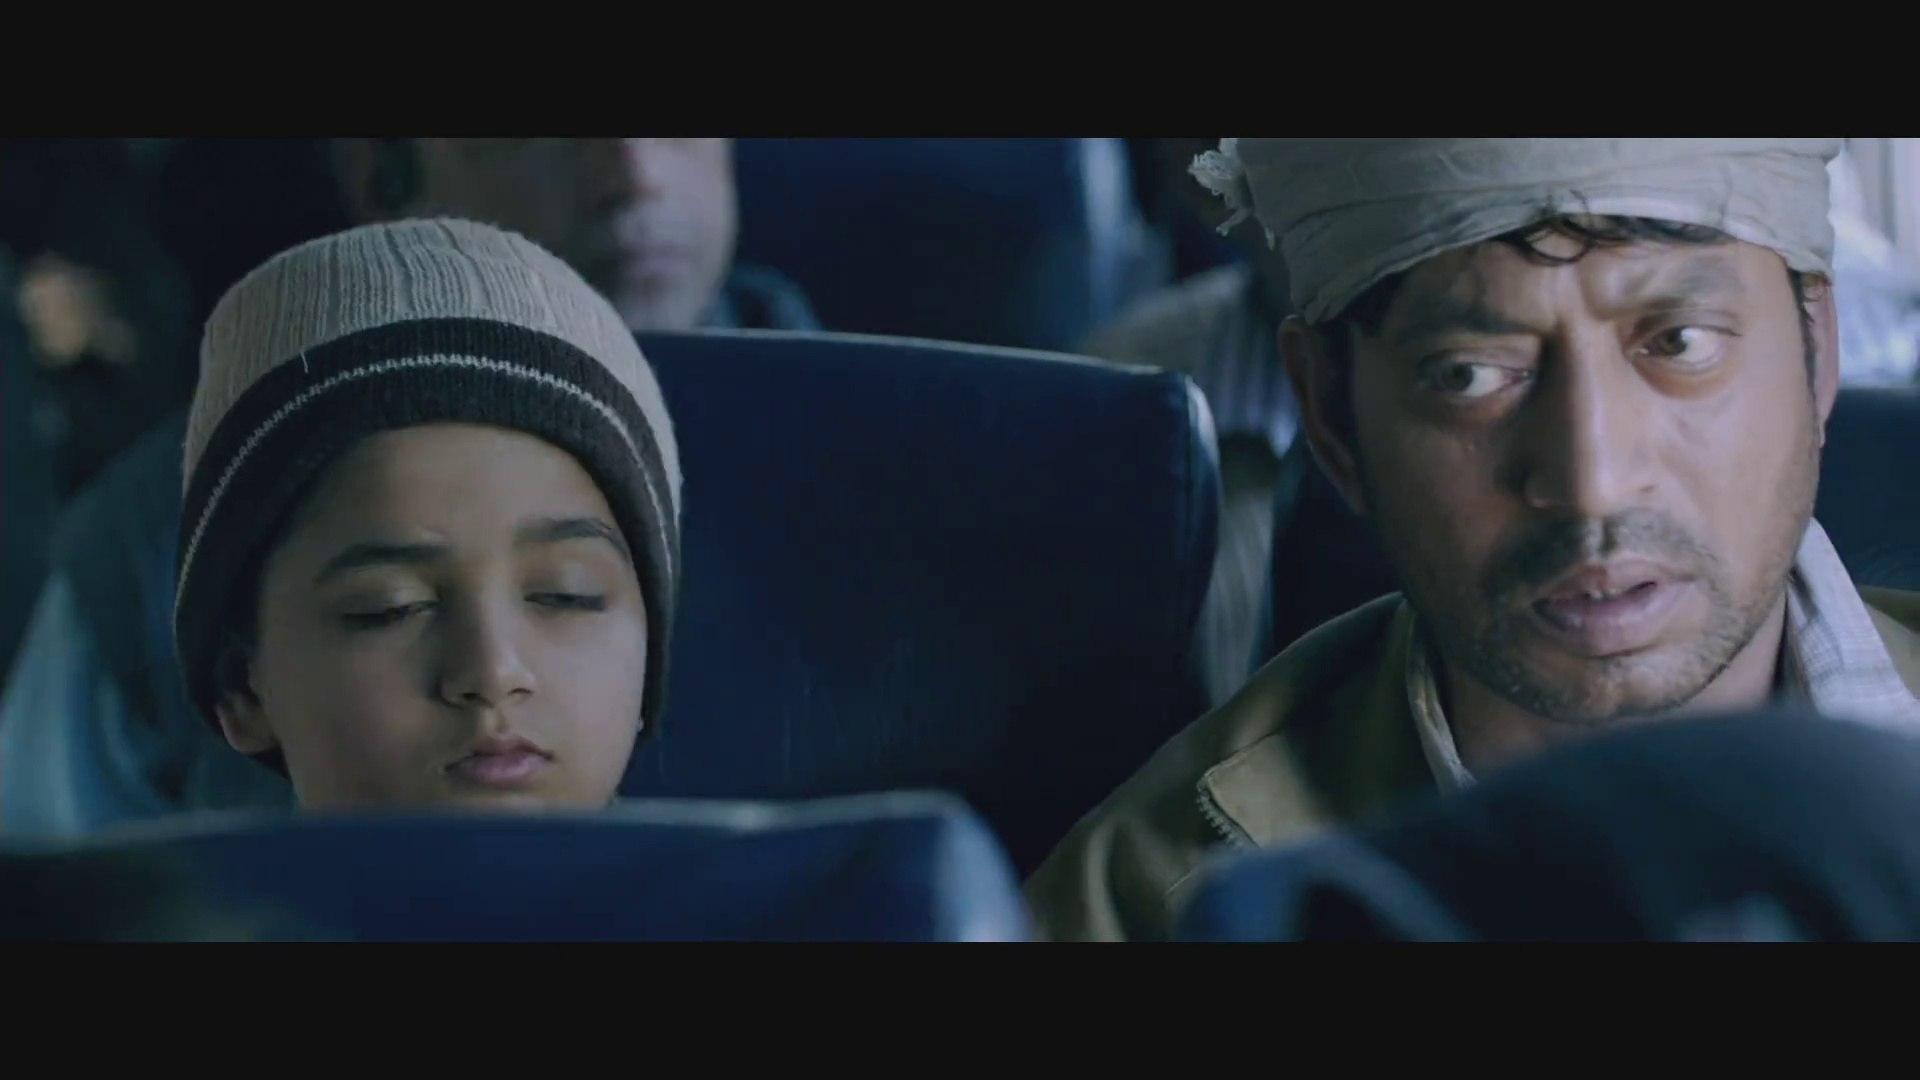 الفيلم الهندي مداري 2016 مترجم كامل - عن قصة حقيقية BluRay 1080p